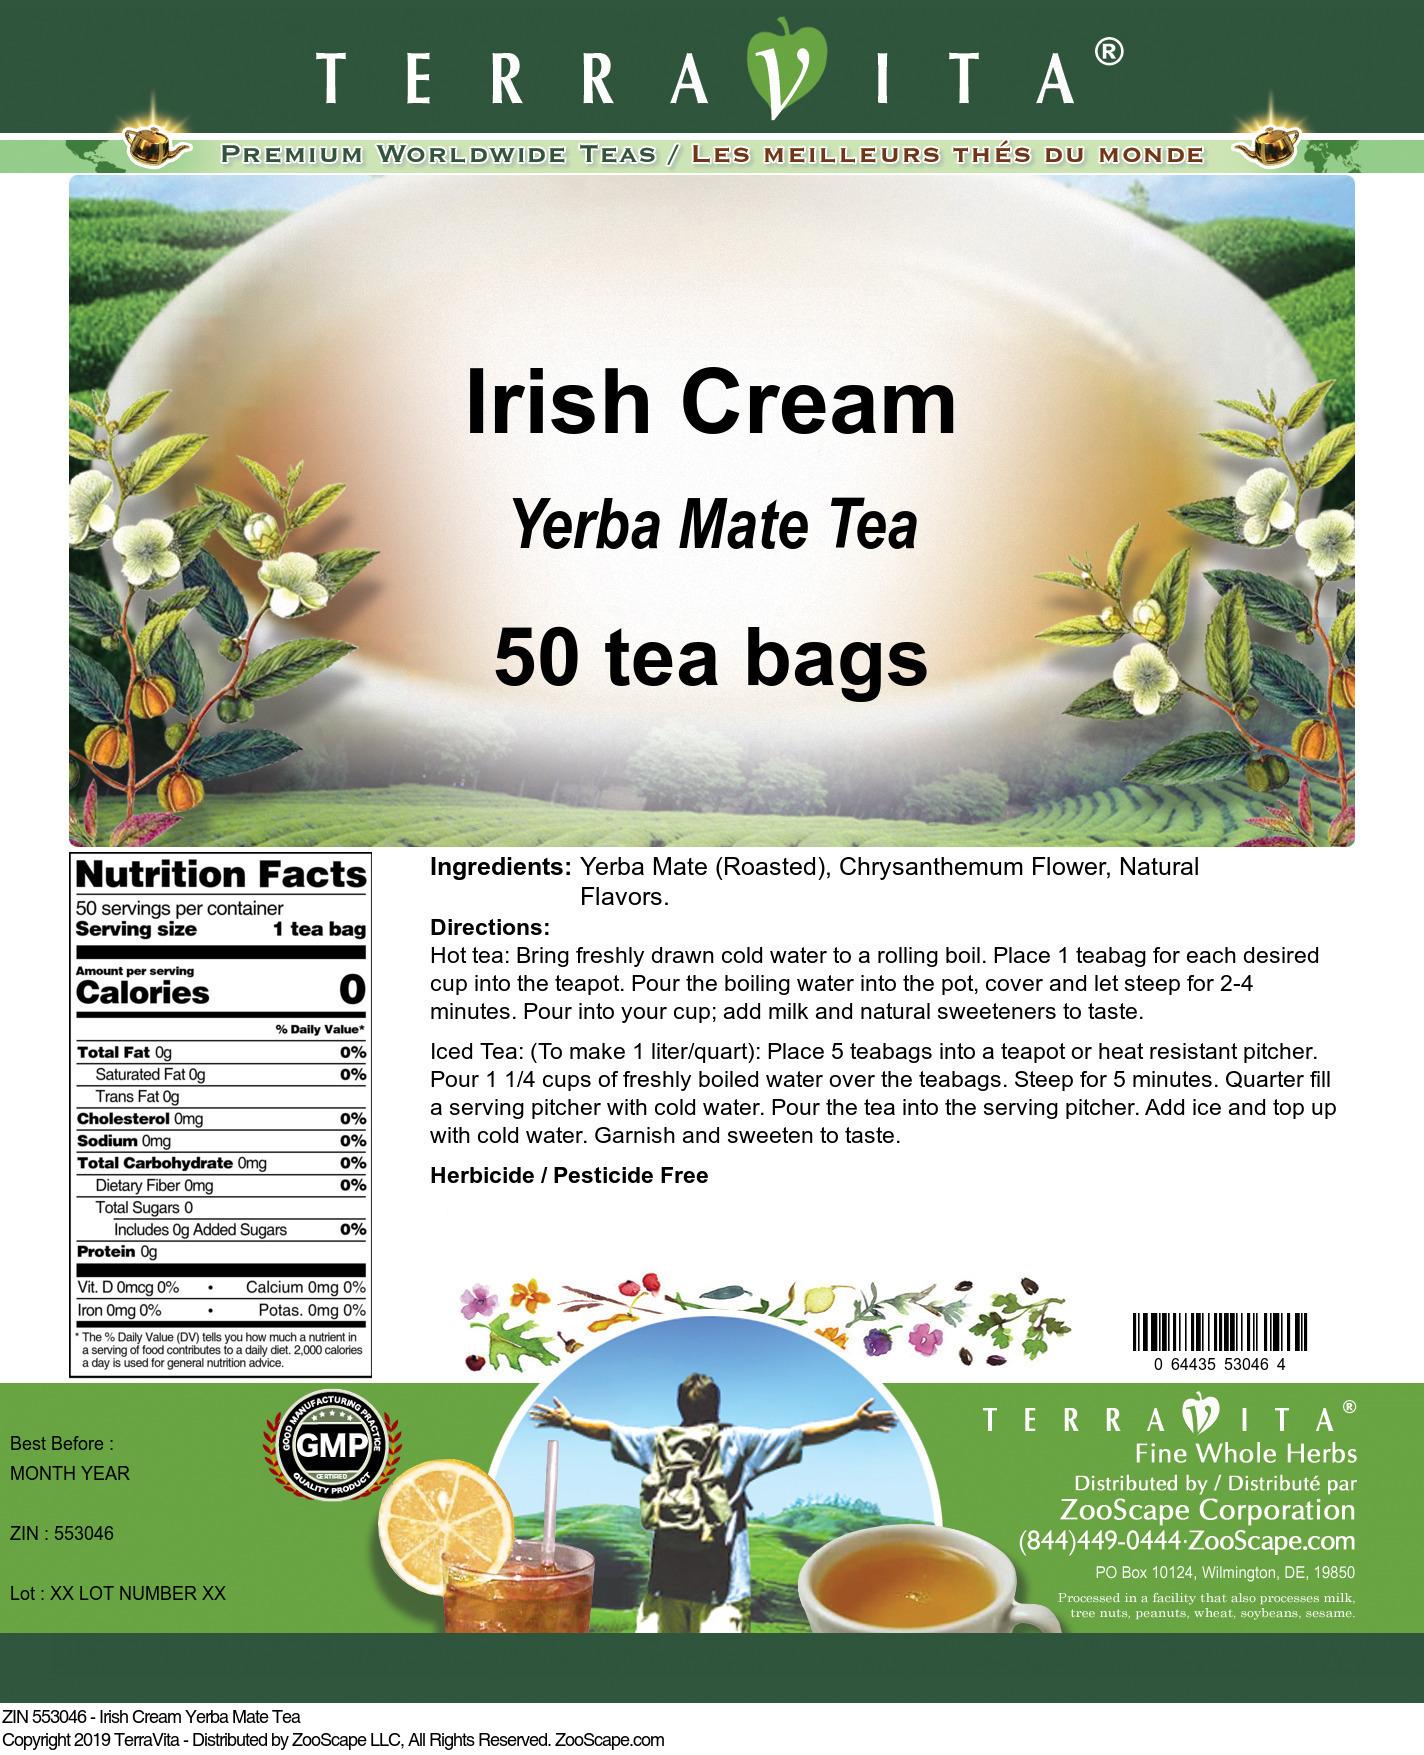 Irish Cream Yerba Mate